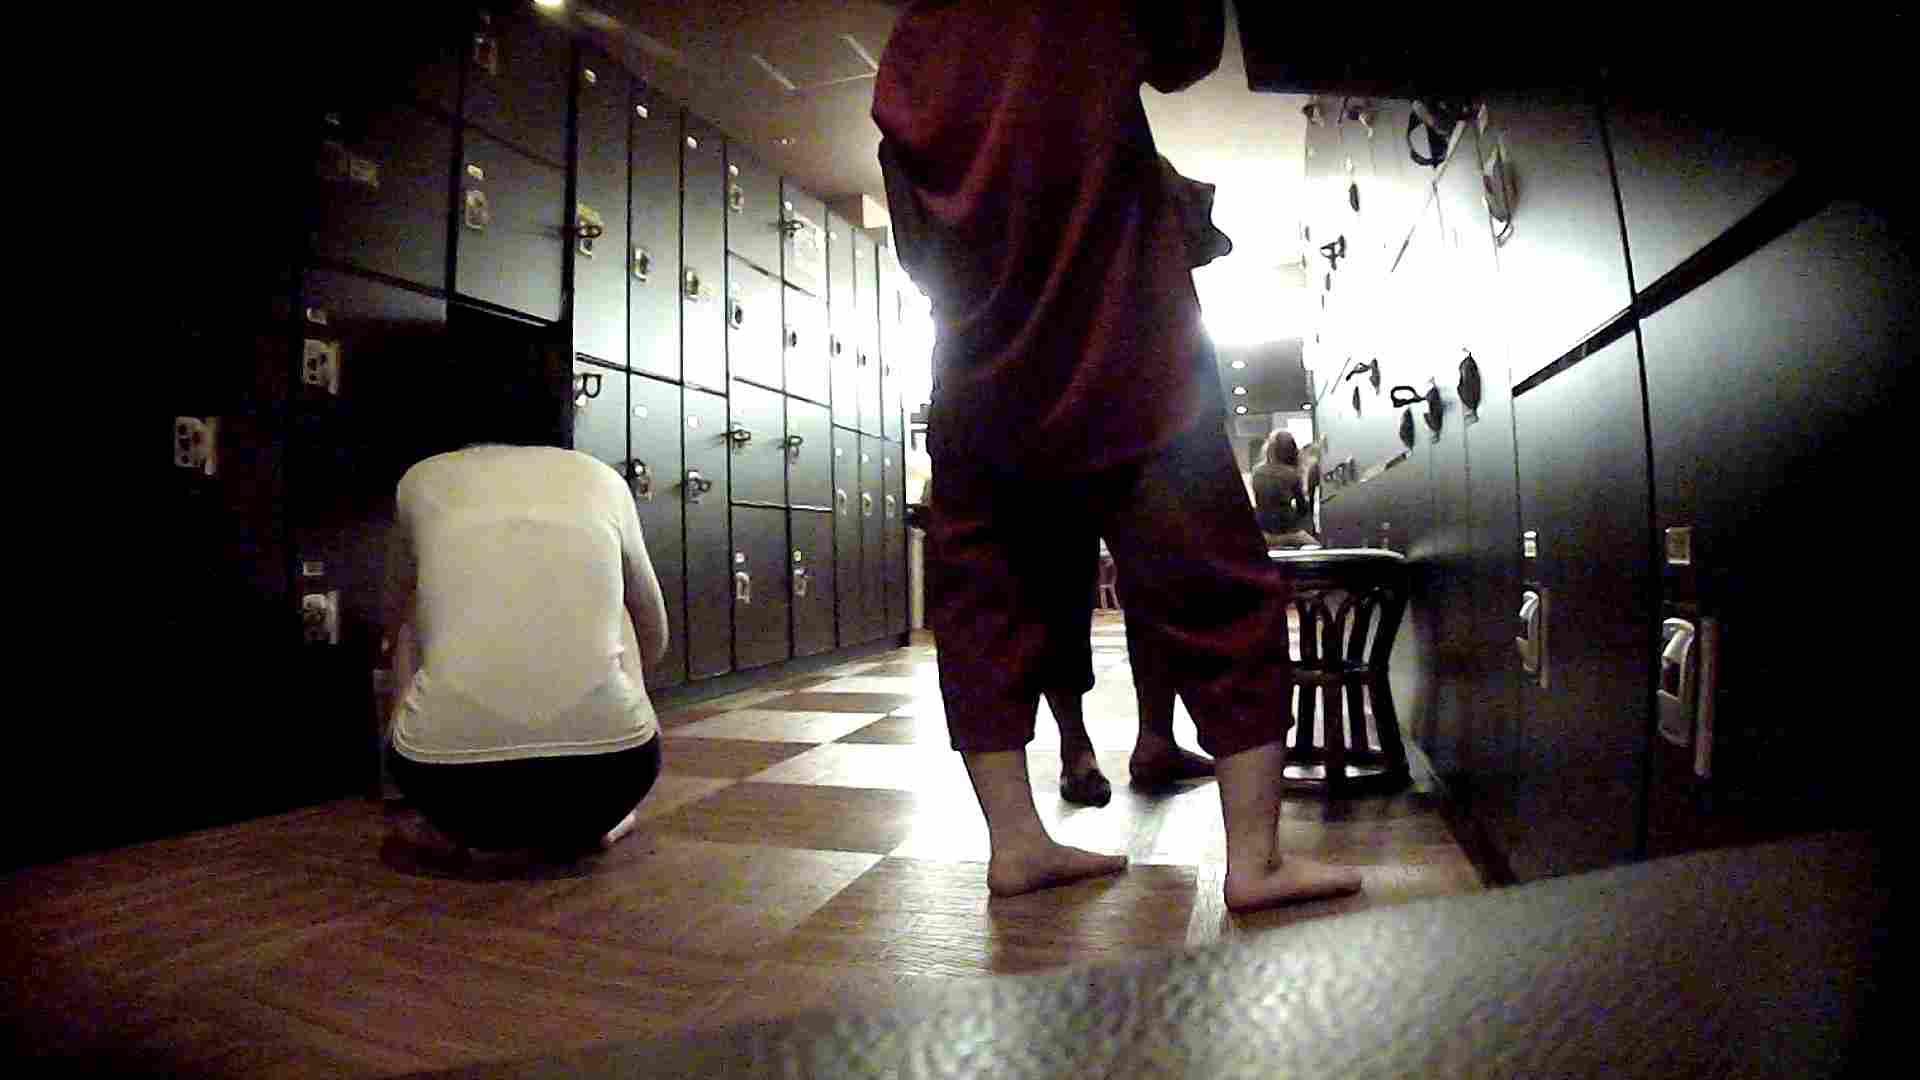 脱衣所!オムニバス 大混雑!注目はあの人の御御足でしょう。 銭湯   潜入  25pic 7